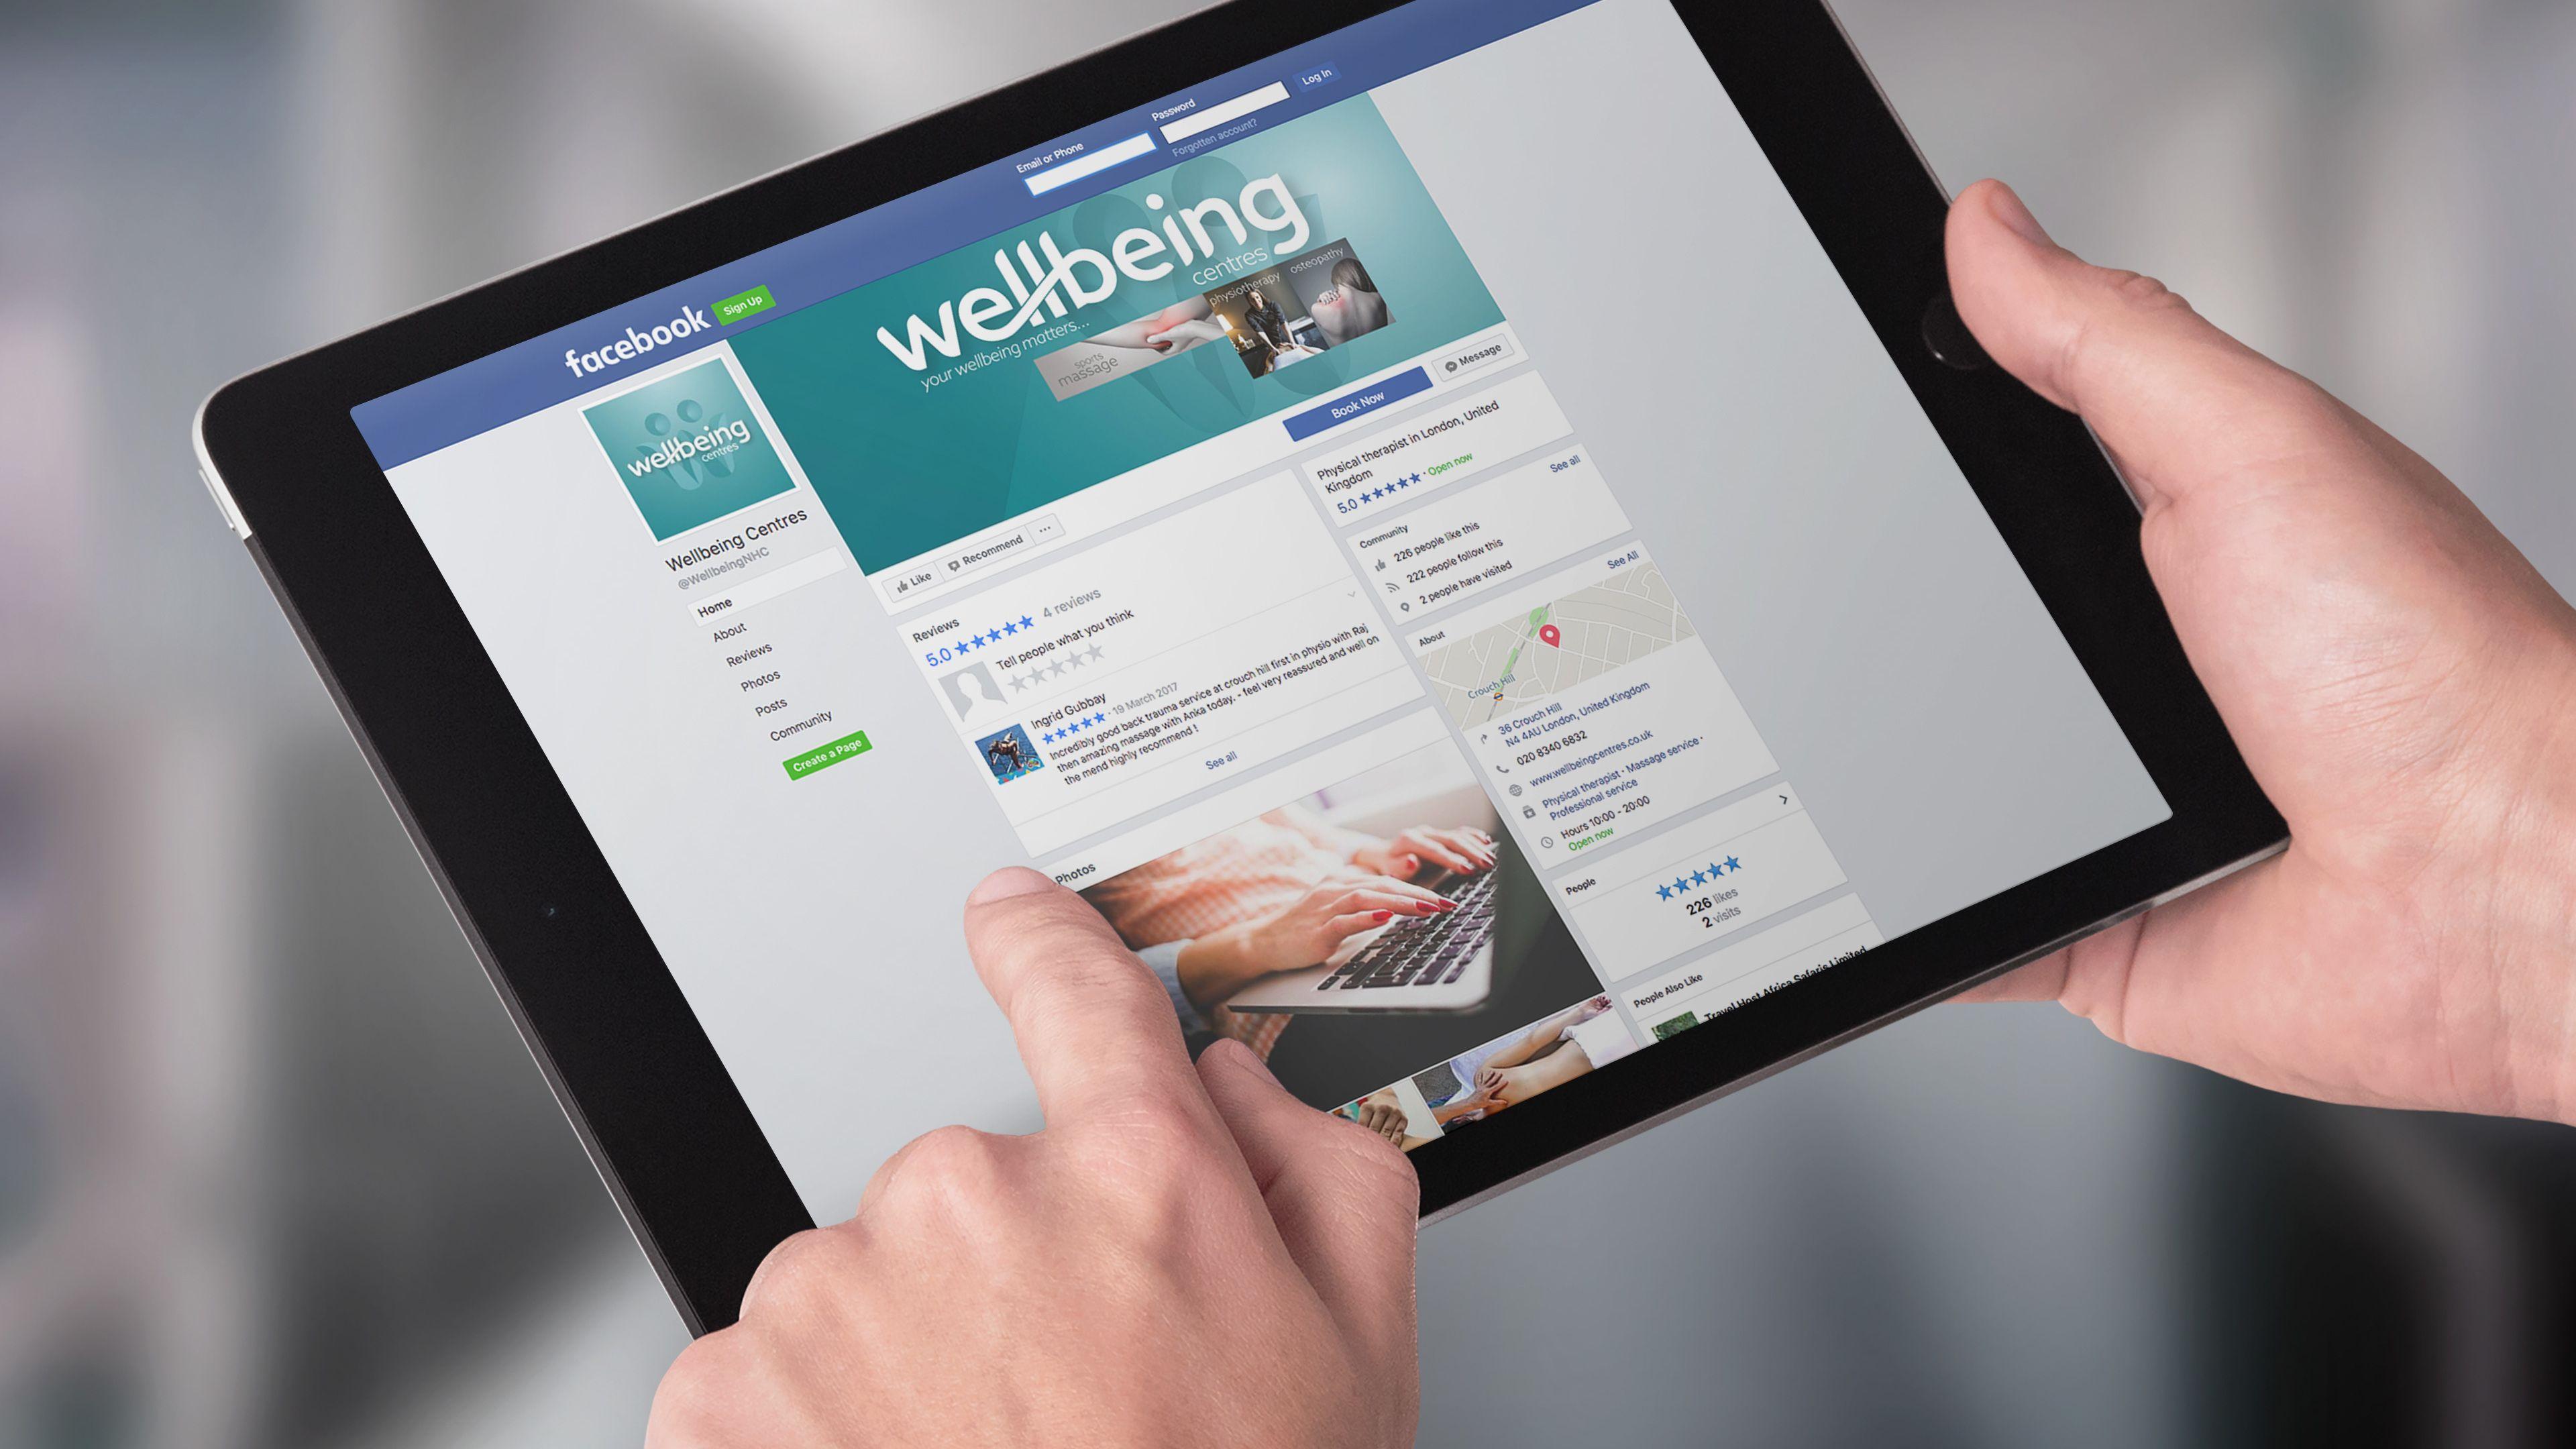 wellbeing_facebook_image.jpg